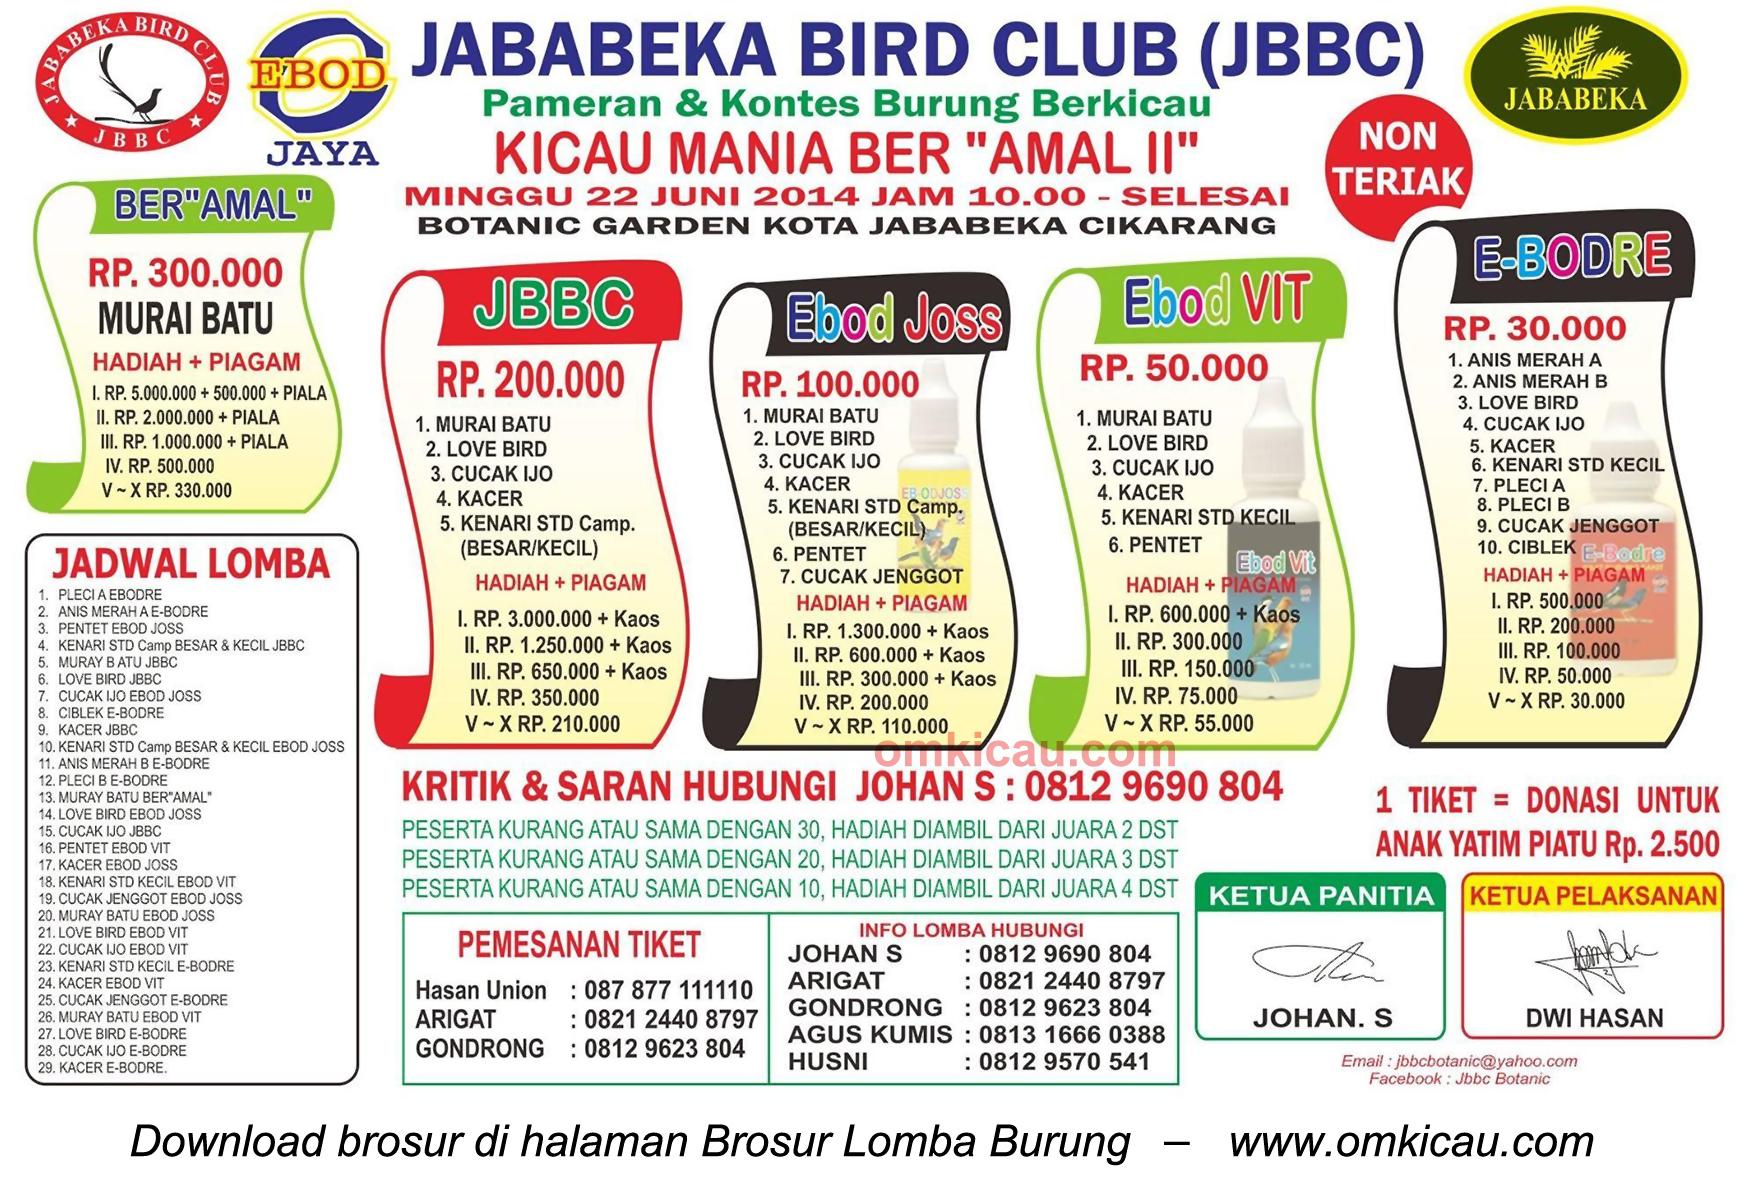 Brosur Lomba Burung Kicau Mania Ber-Amal II, Bekasi, 22 Juni 2014